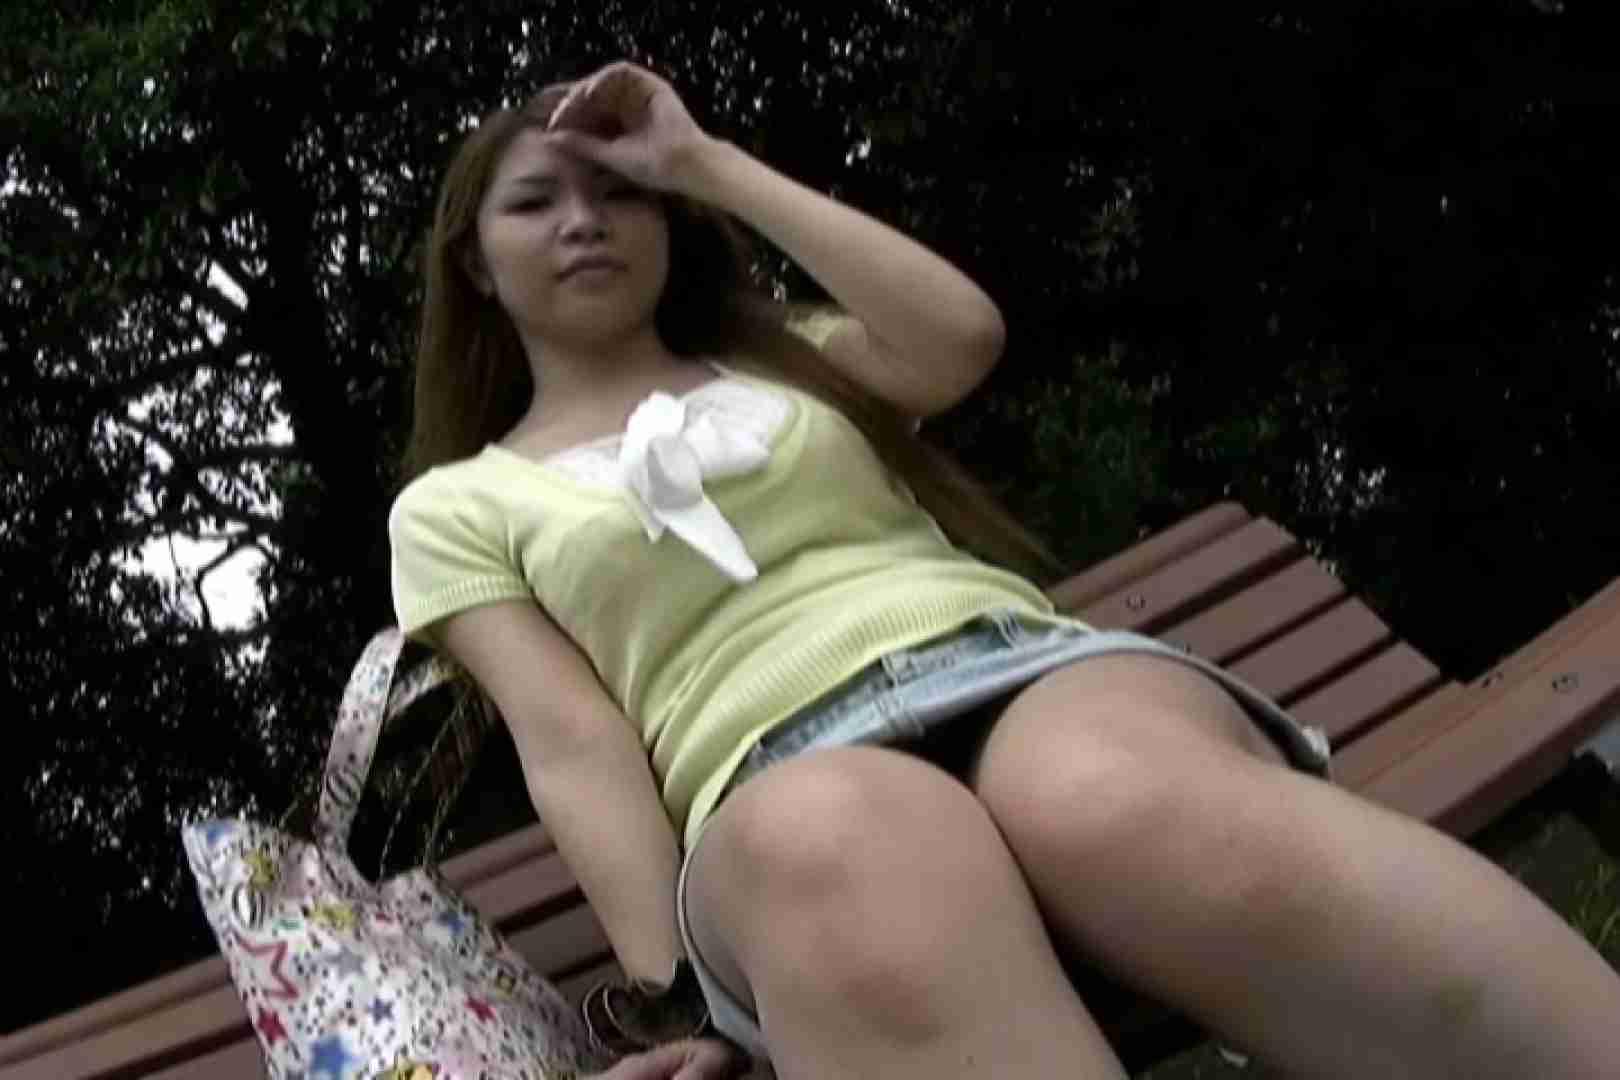 ハイビジョンパンチラ オッテQさんの追跡パンチラ階段編Vol.02 チラ系 盗撮画像 97pic 15